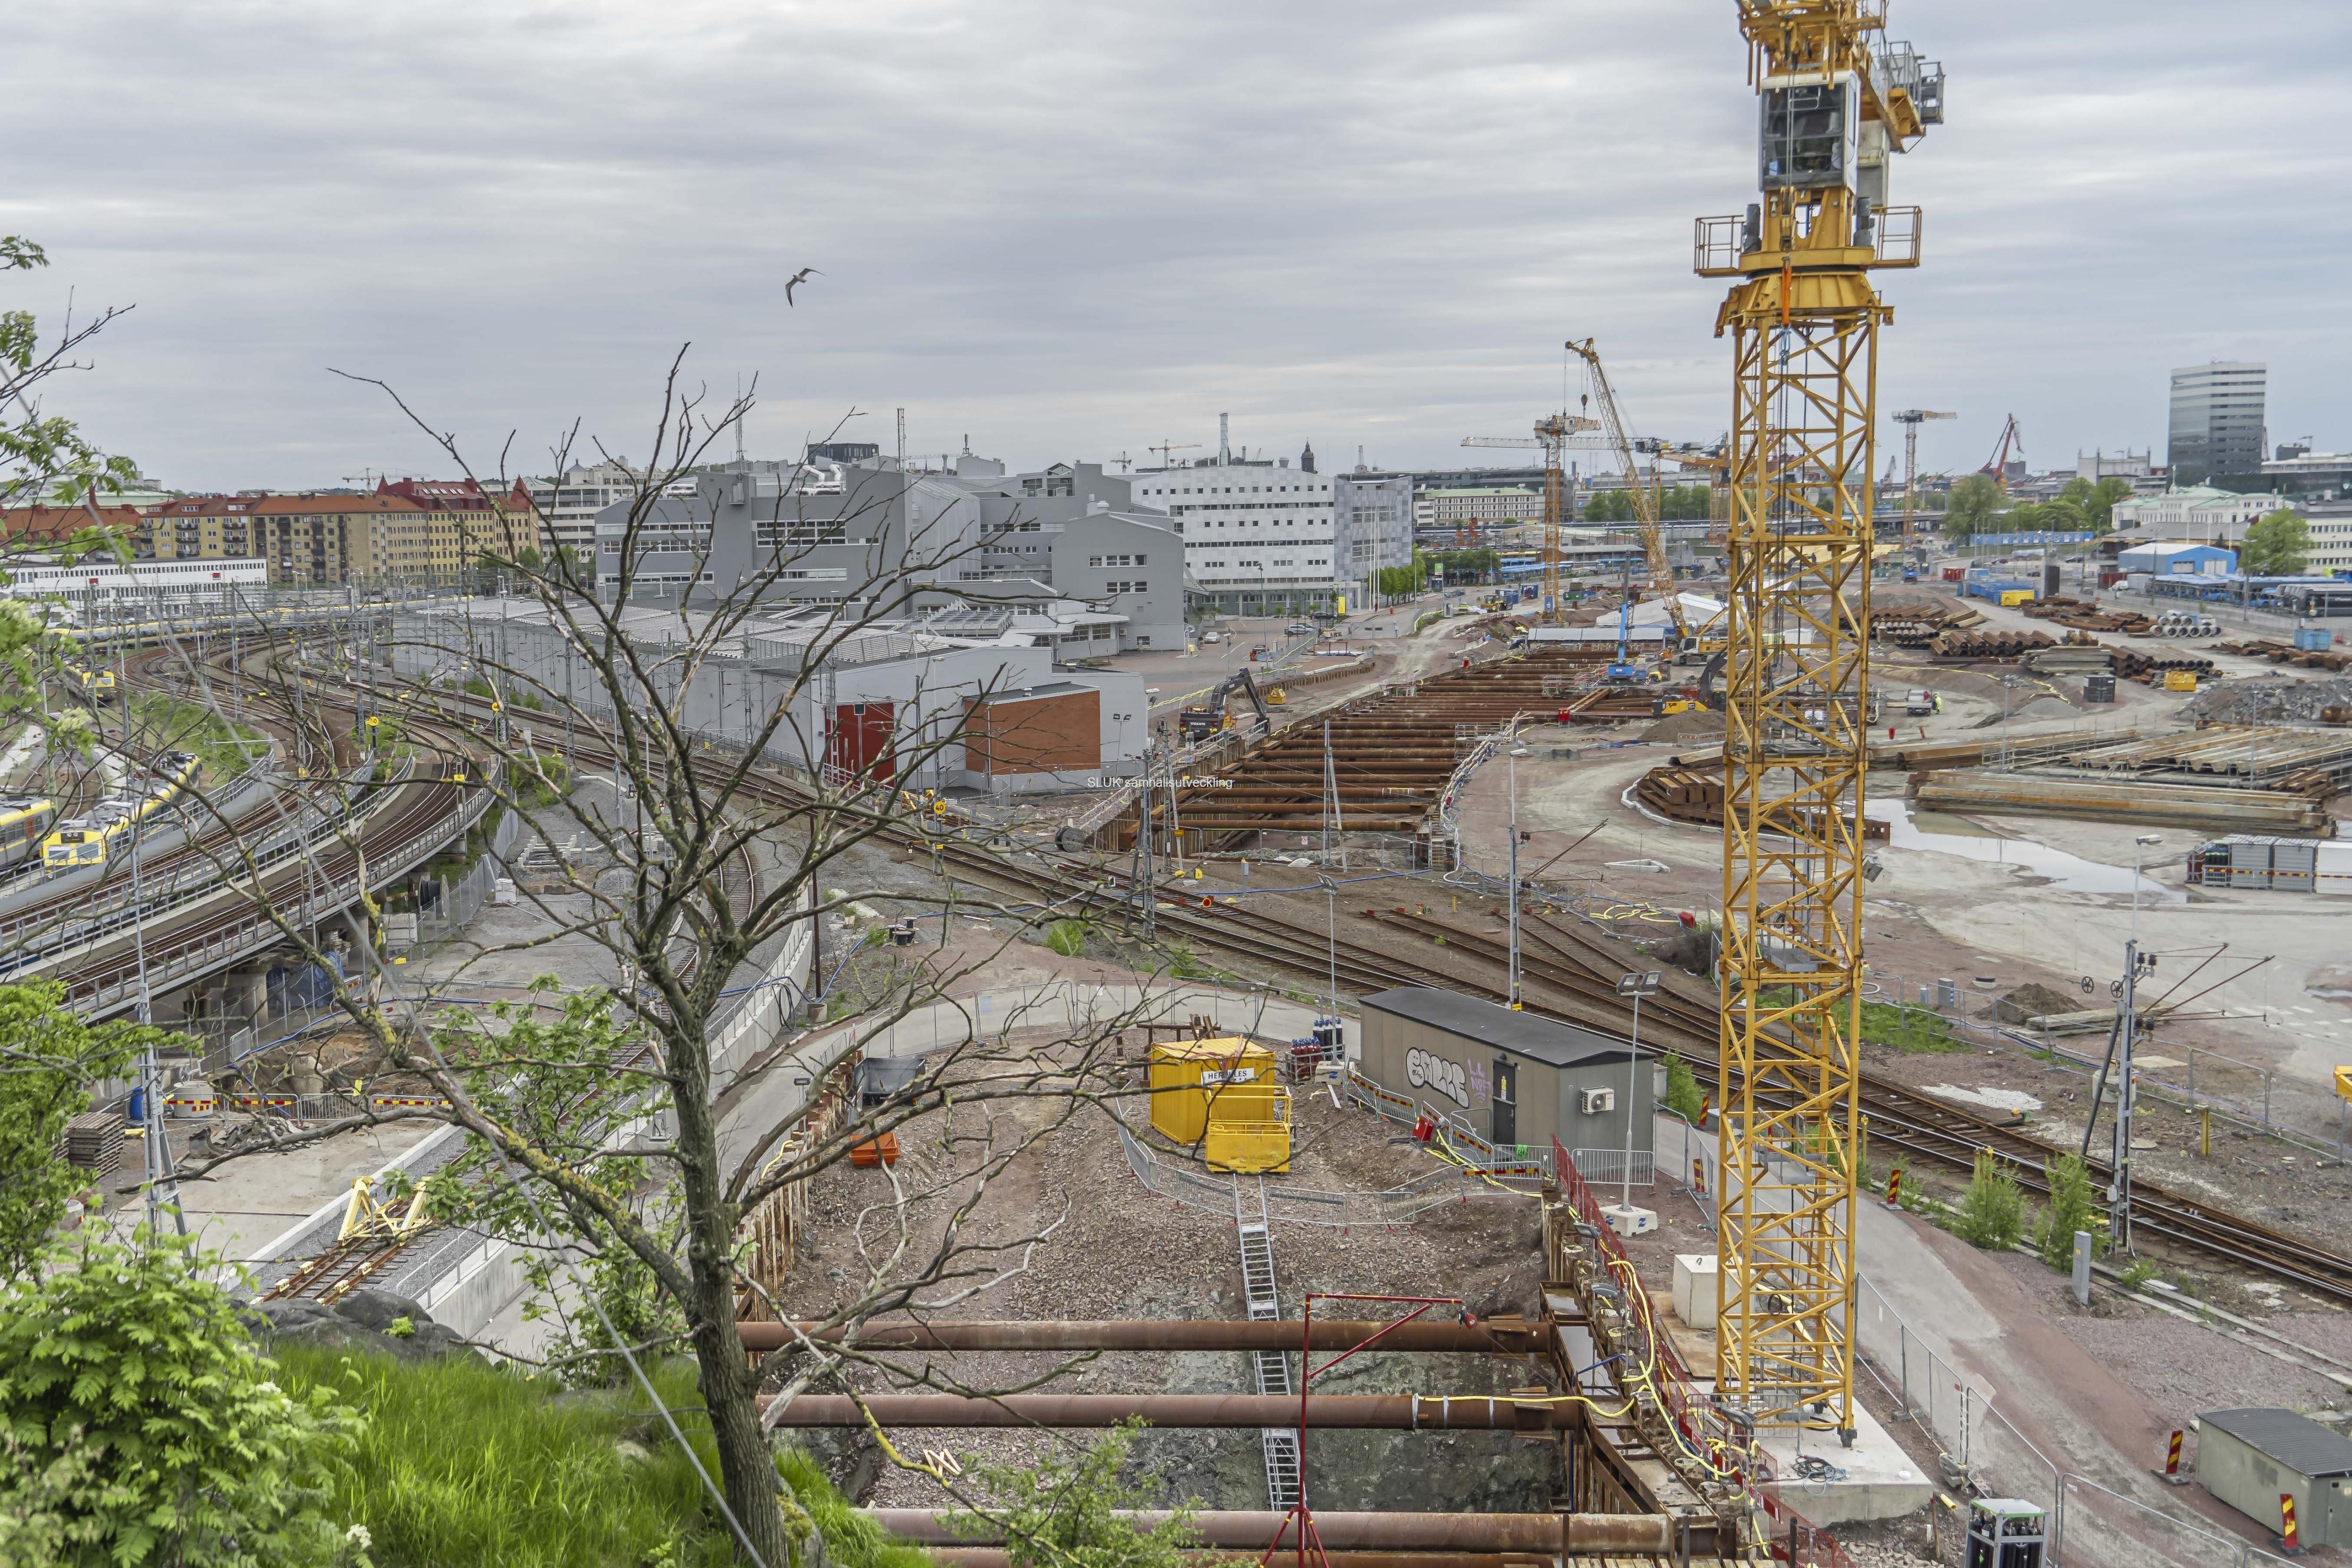 Vy från Skansen Lejonet mot Centralen. Under Skansen Lejonet har man byggt en tunnel från Olskroken mot Centralen.